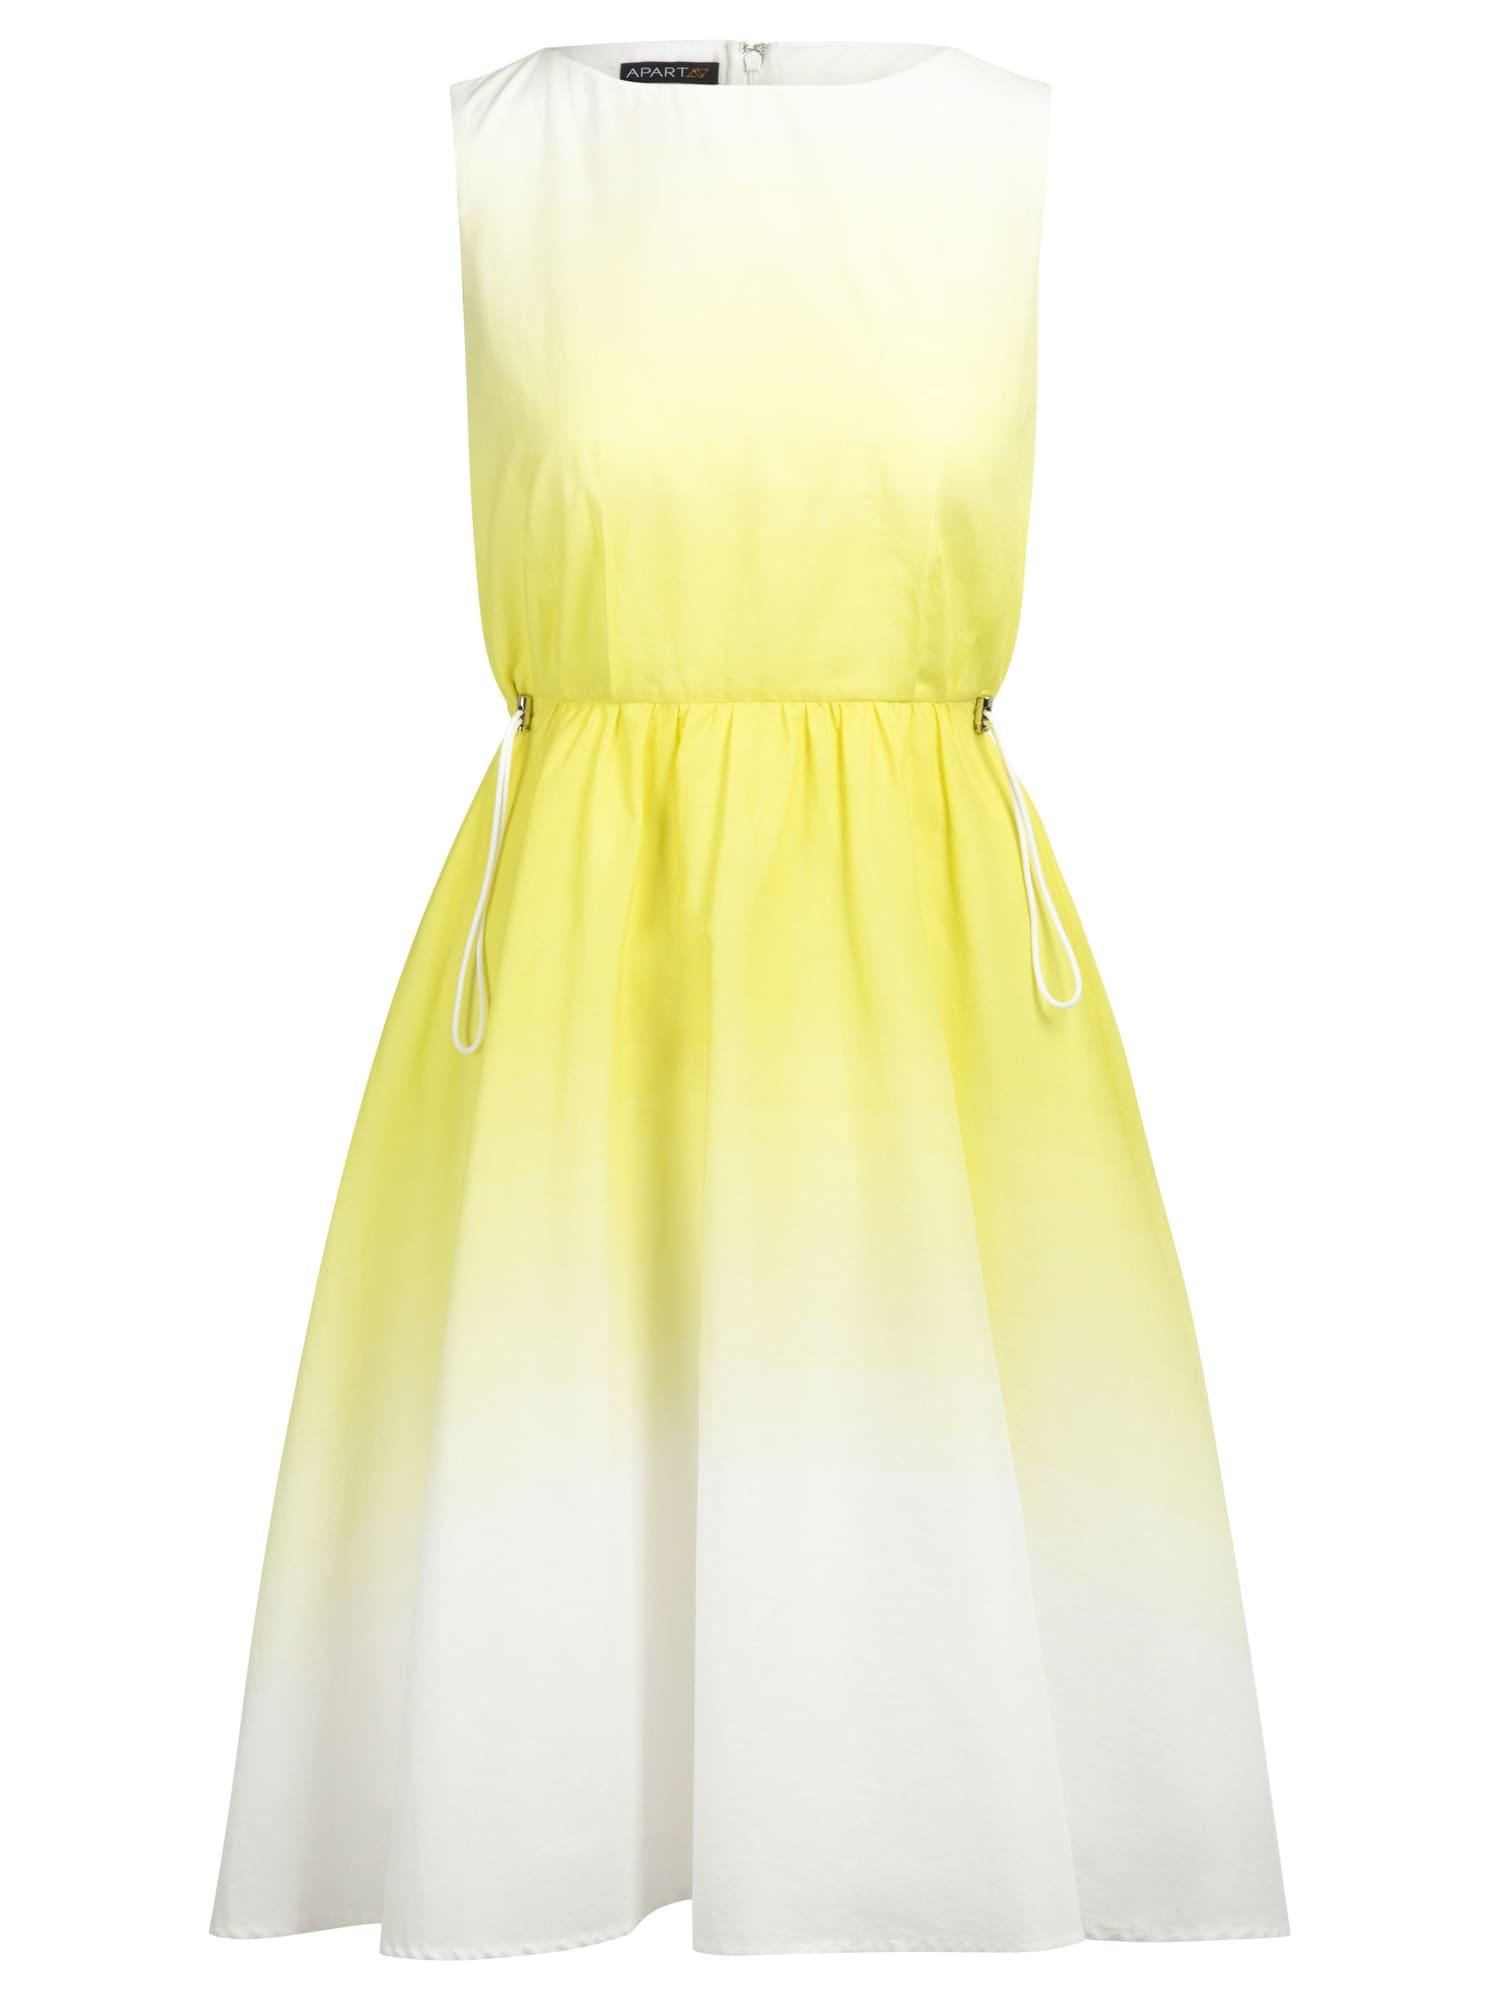 APART Vasarinė suknelė geltona / balta